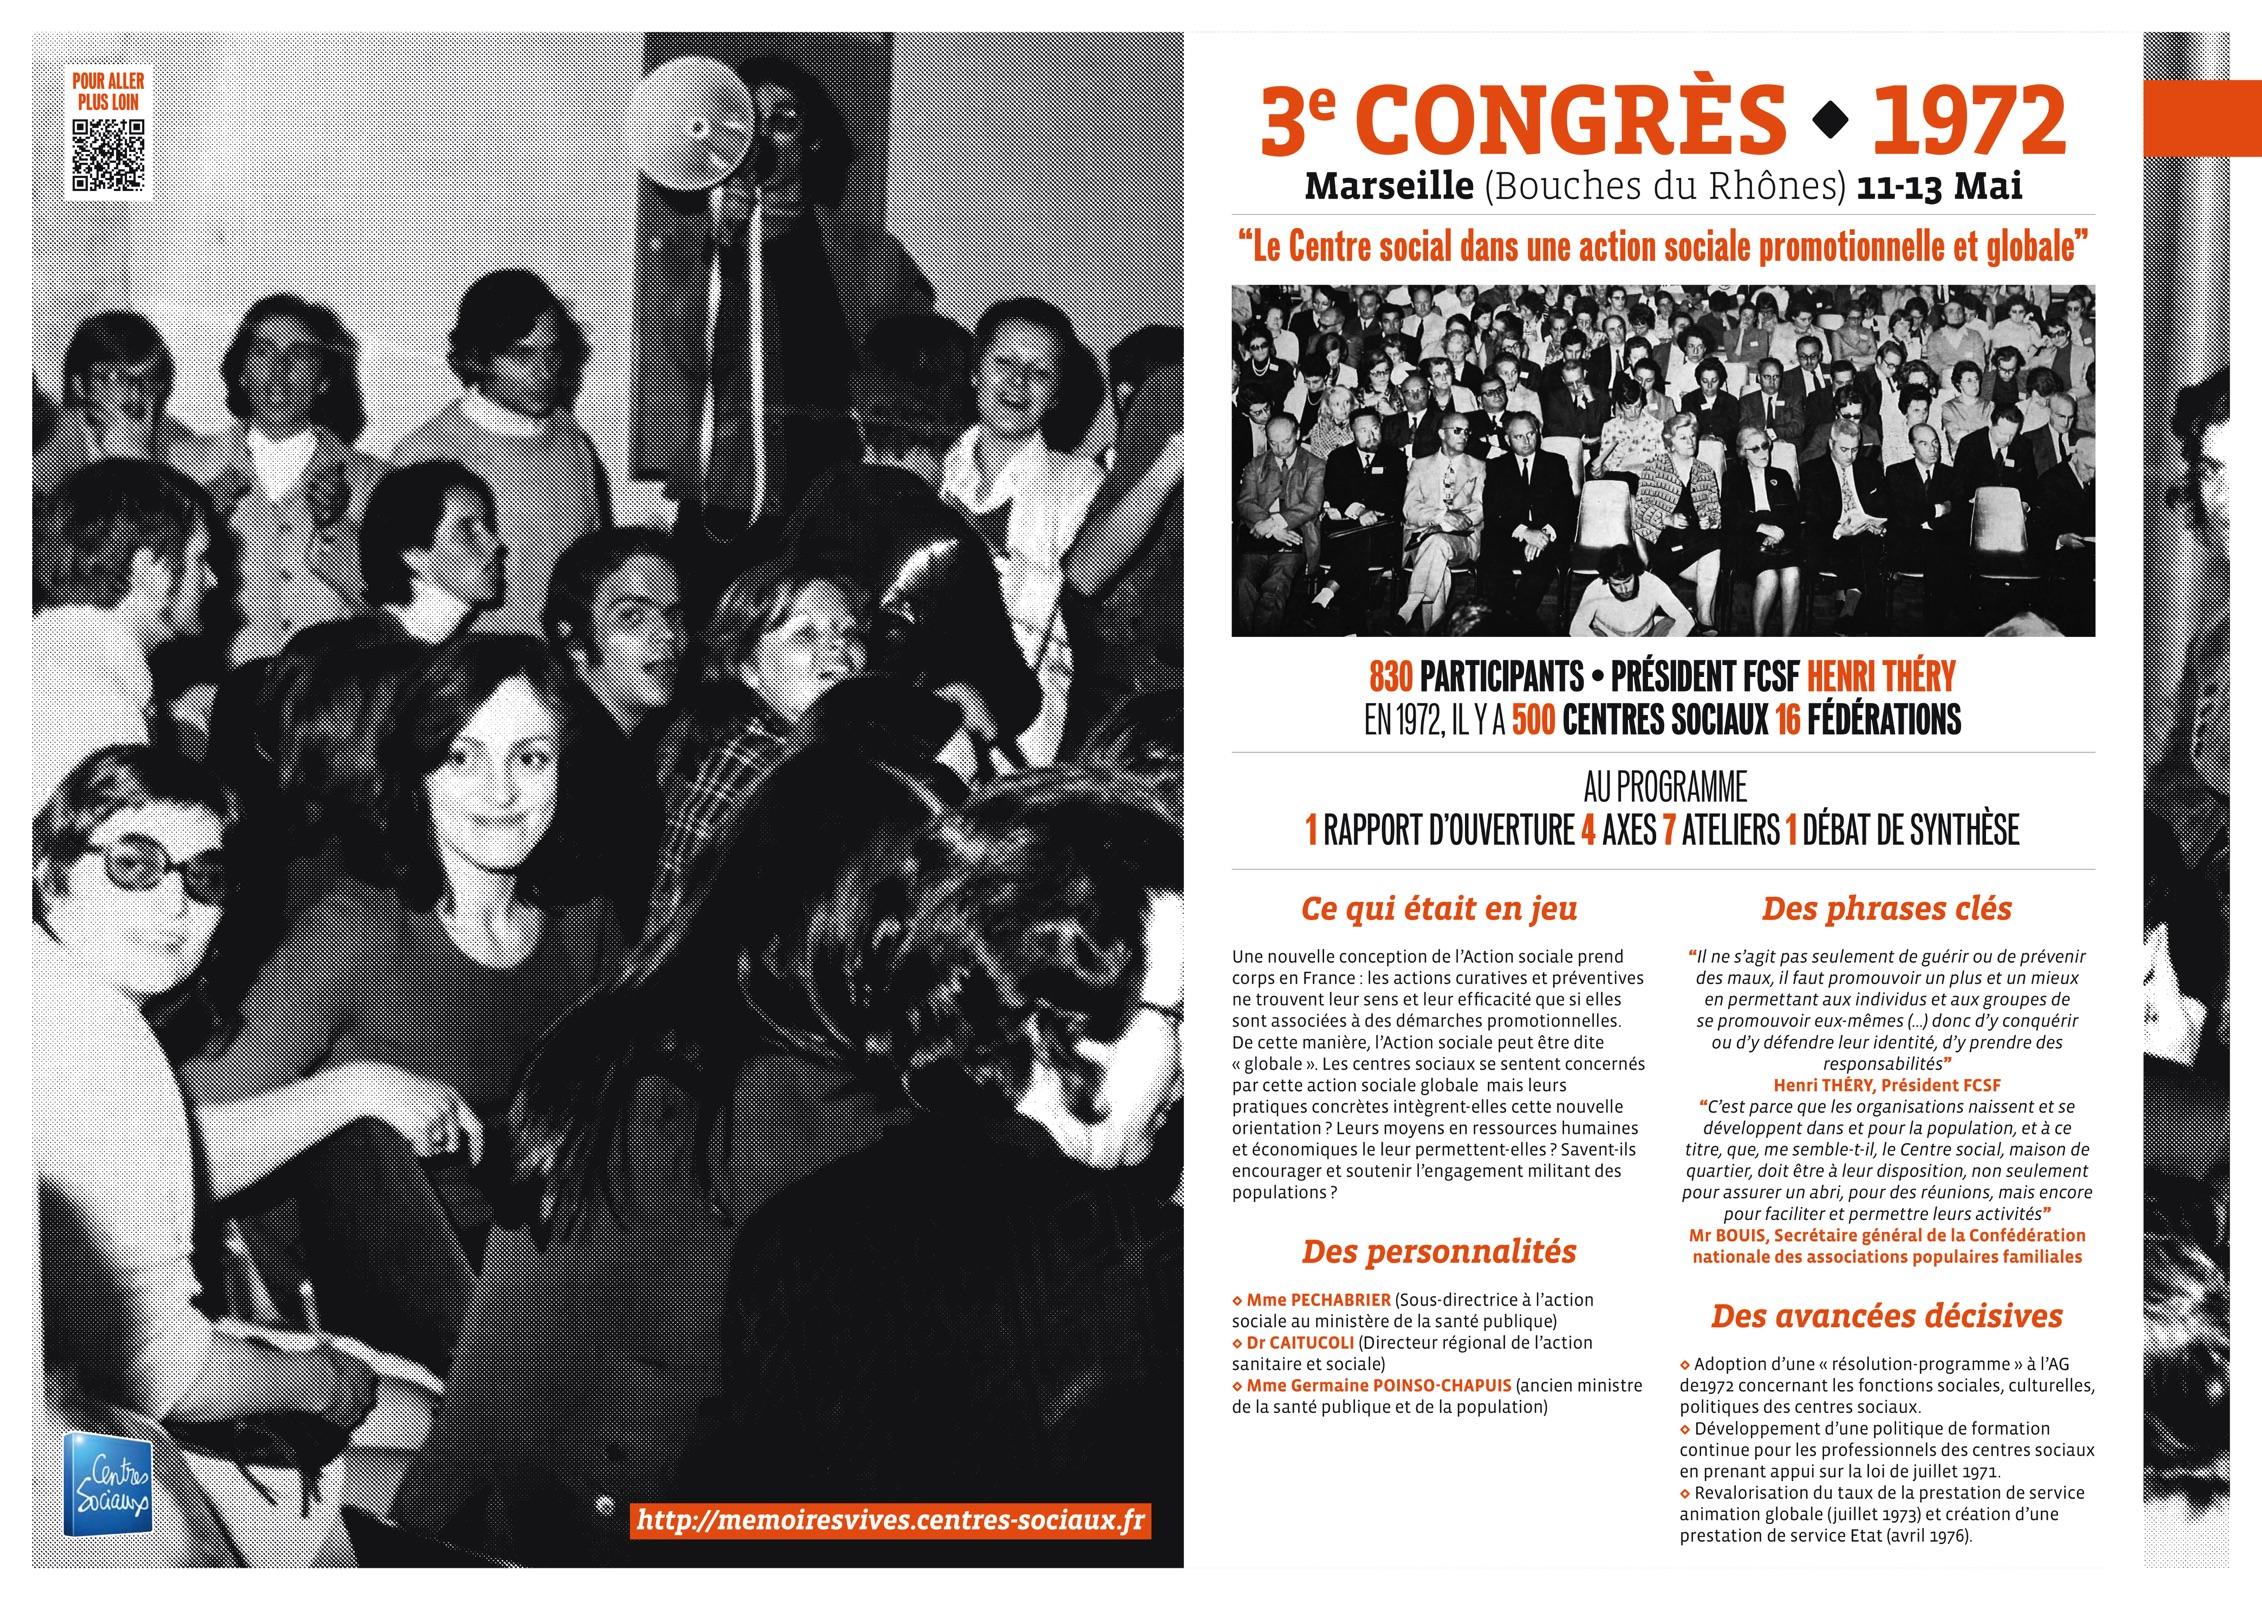 3ème Congrès